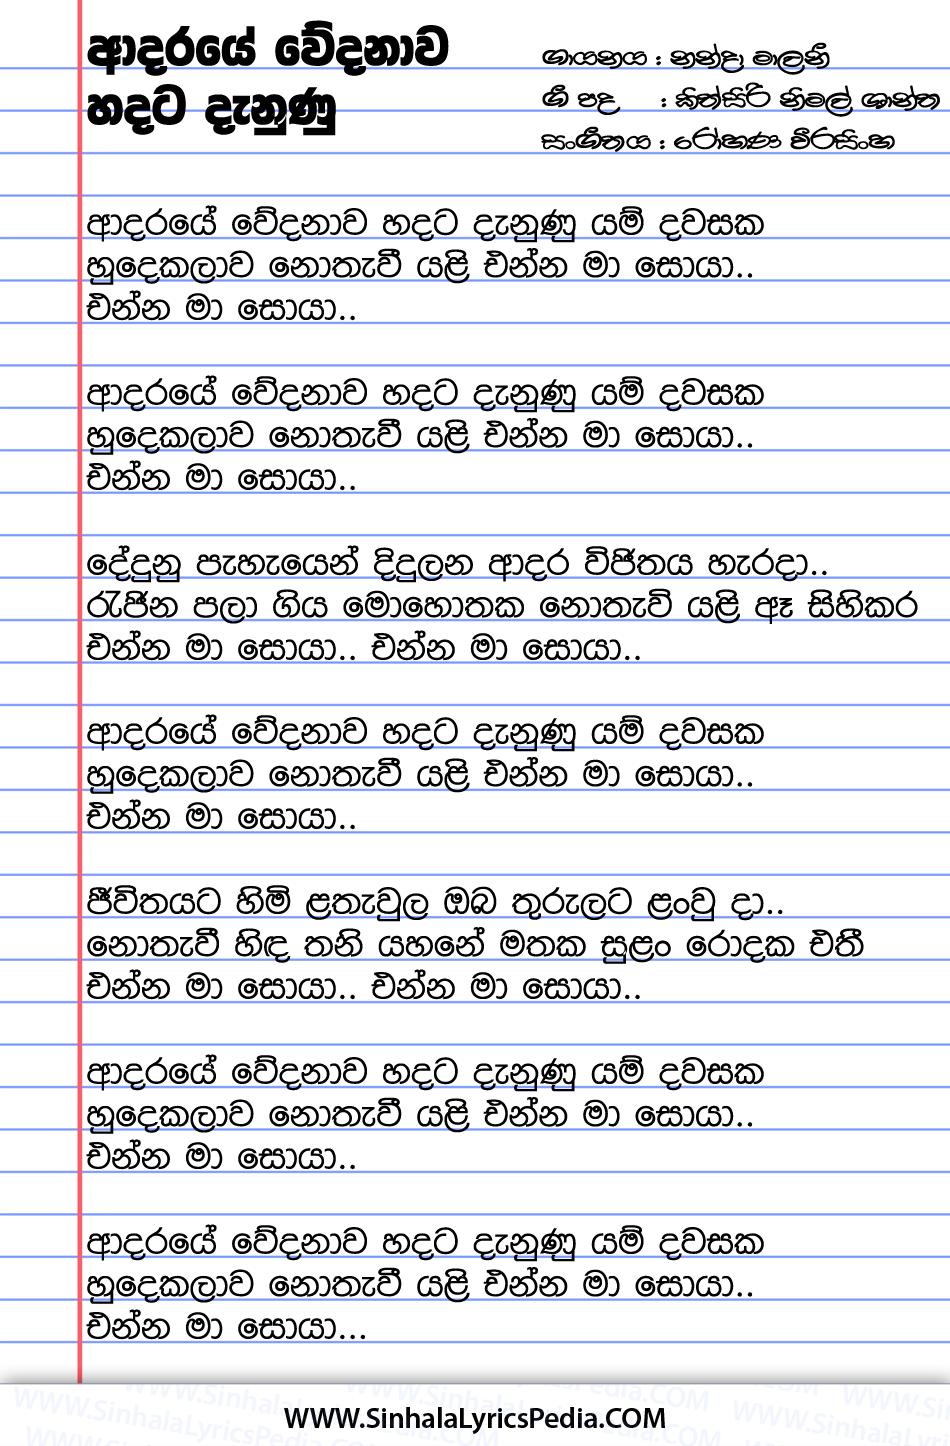 Adaraye Wedanawa Hadata Danuna Yam Dawasaka Song Lyrics